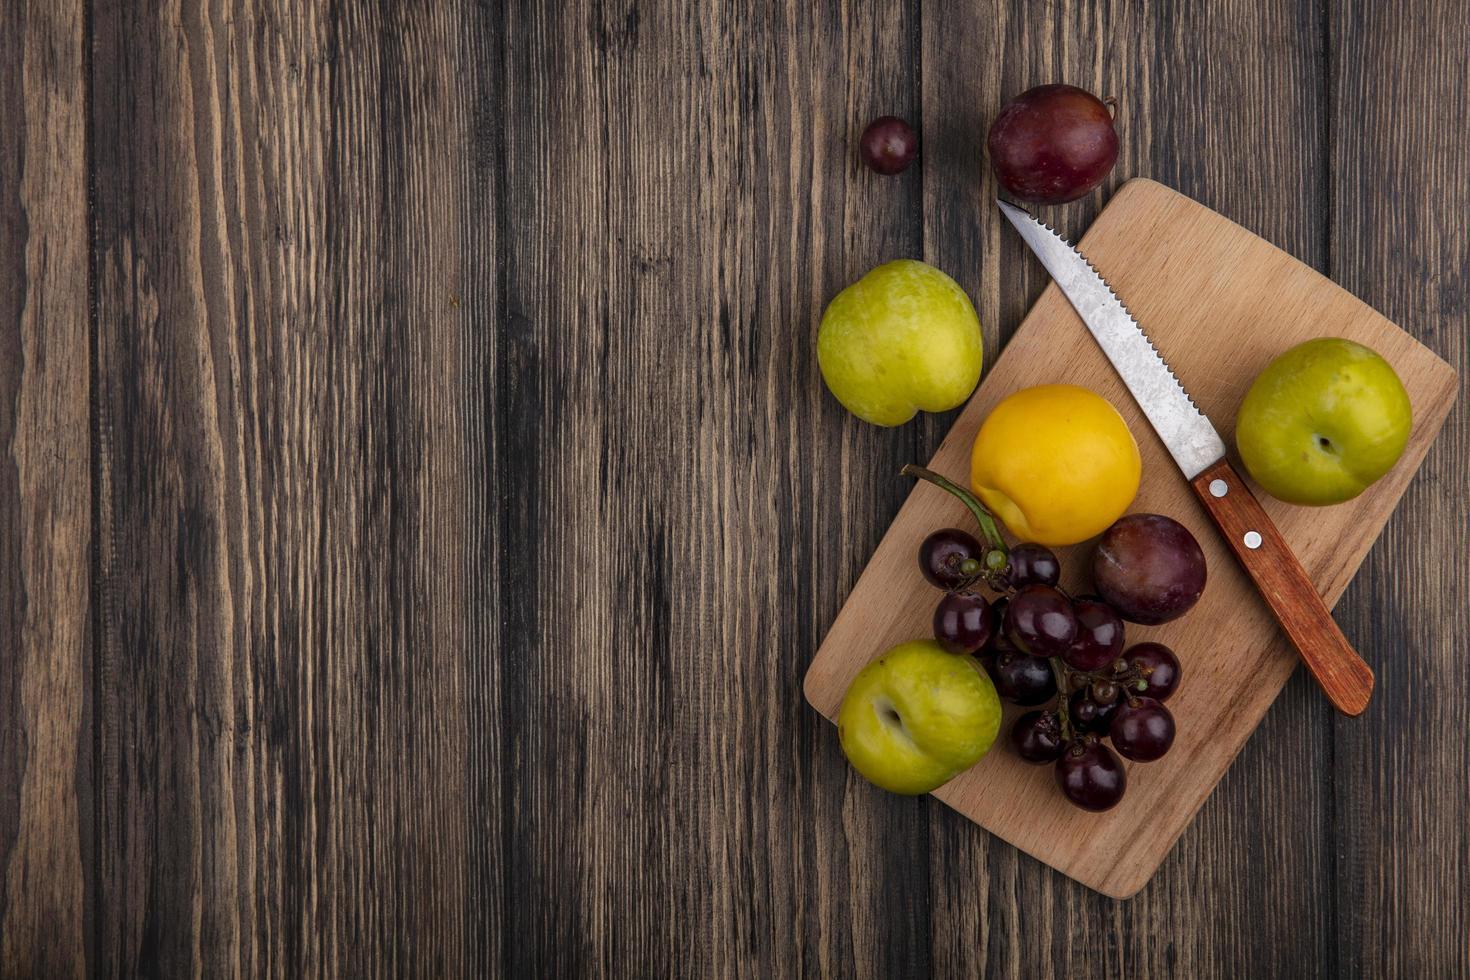 geassorteerde fruit op houten achtergrond met kopie ruimte foto